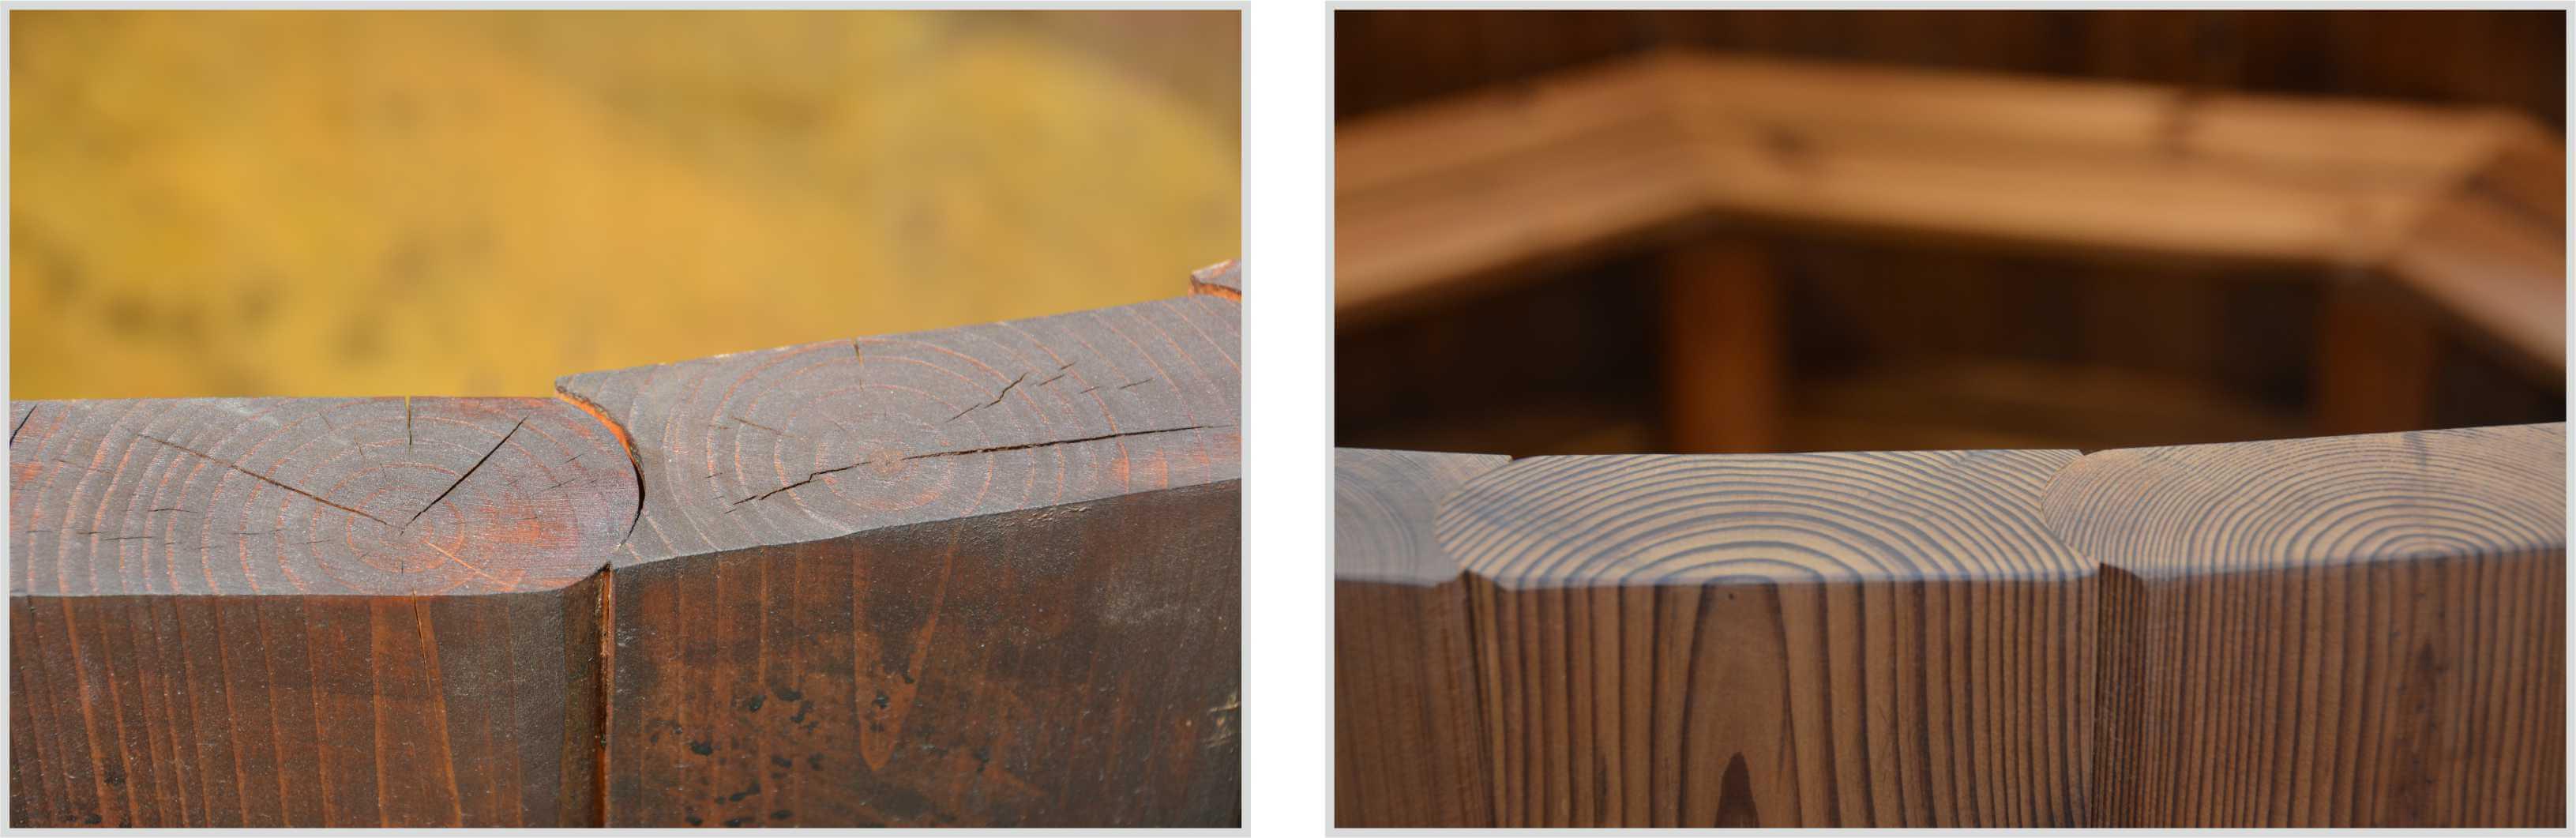 Drewno do balii zewnętrznej z ThermoWood